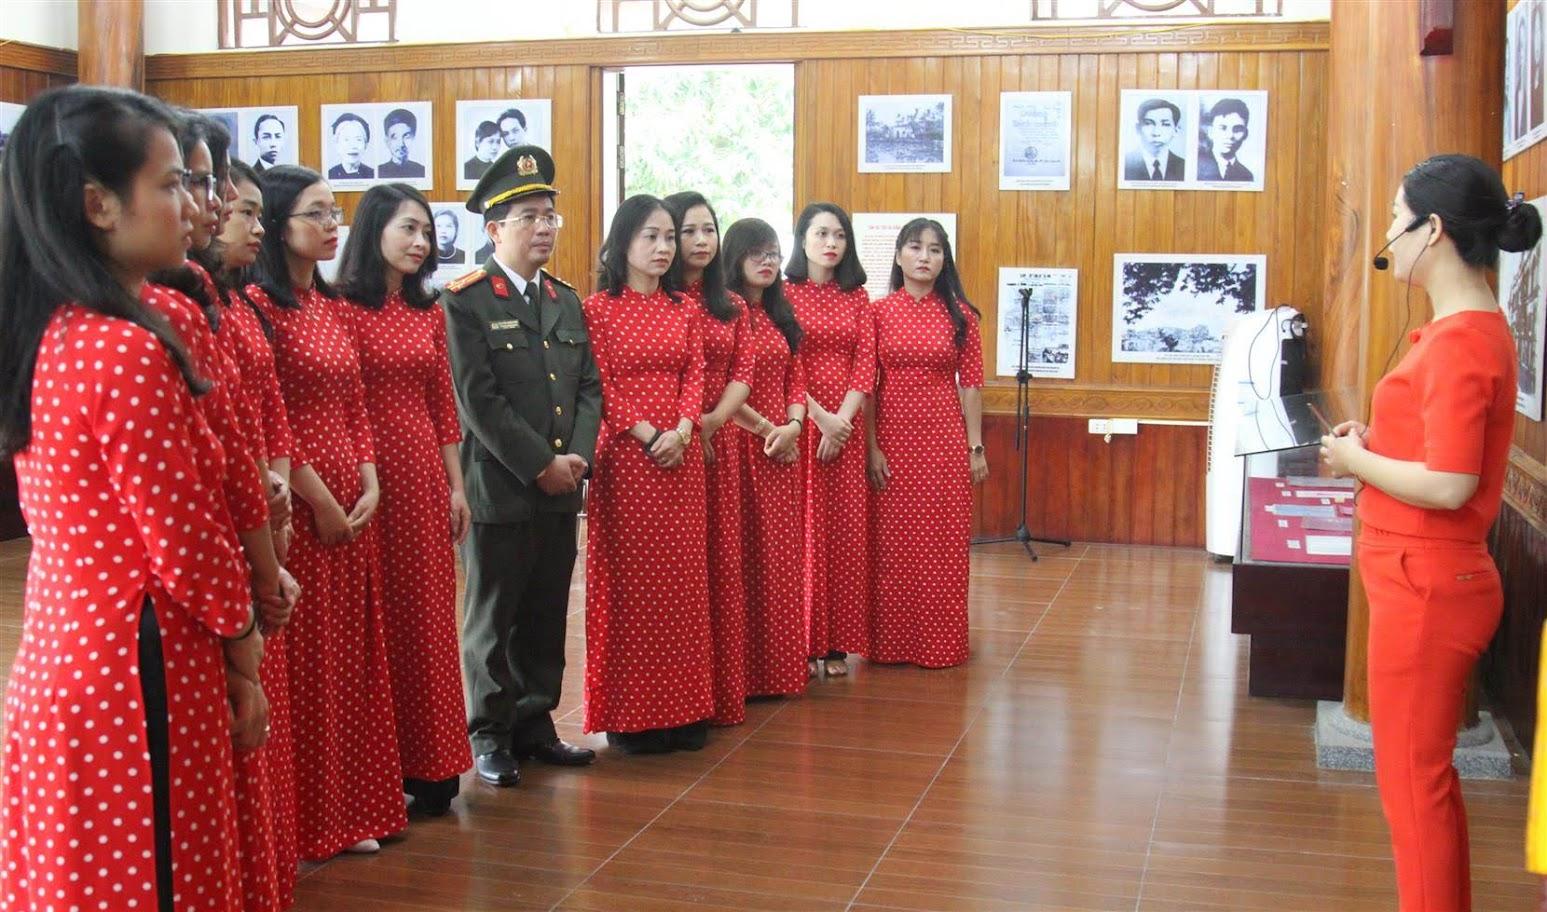 Đoàn đã lắng nghe cuộc đời và sự nghiệp của đồng chí Nguyễn Thị Minh Khai